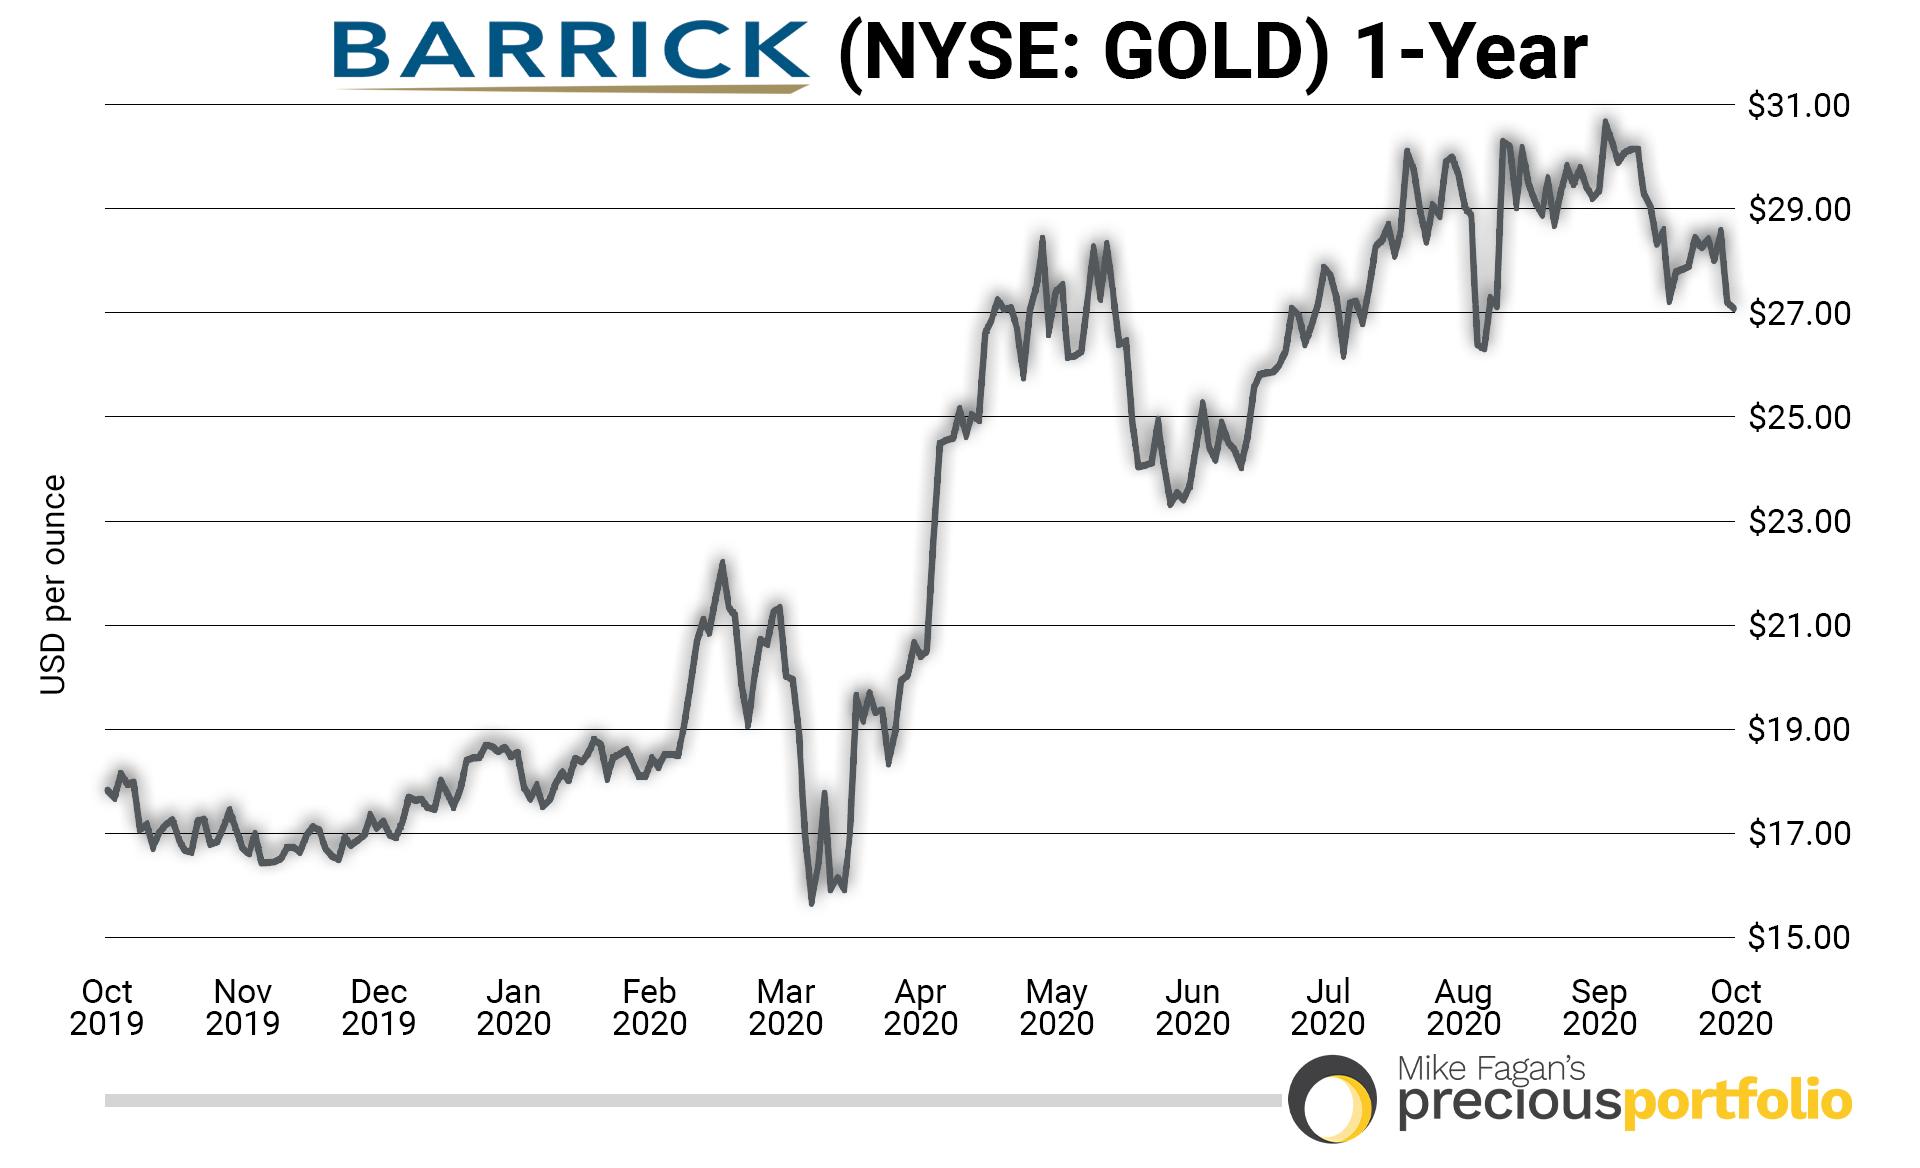 1-Year Barrick Gold